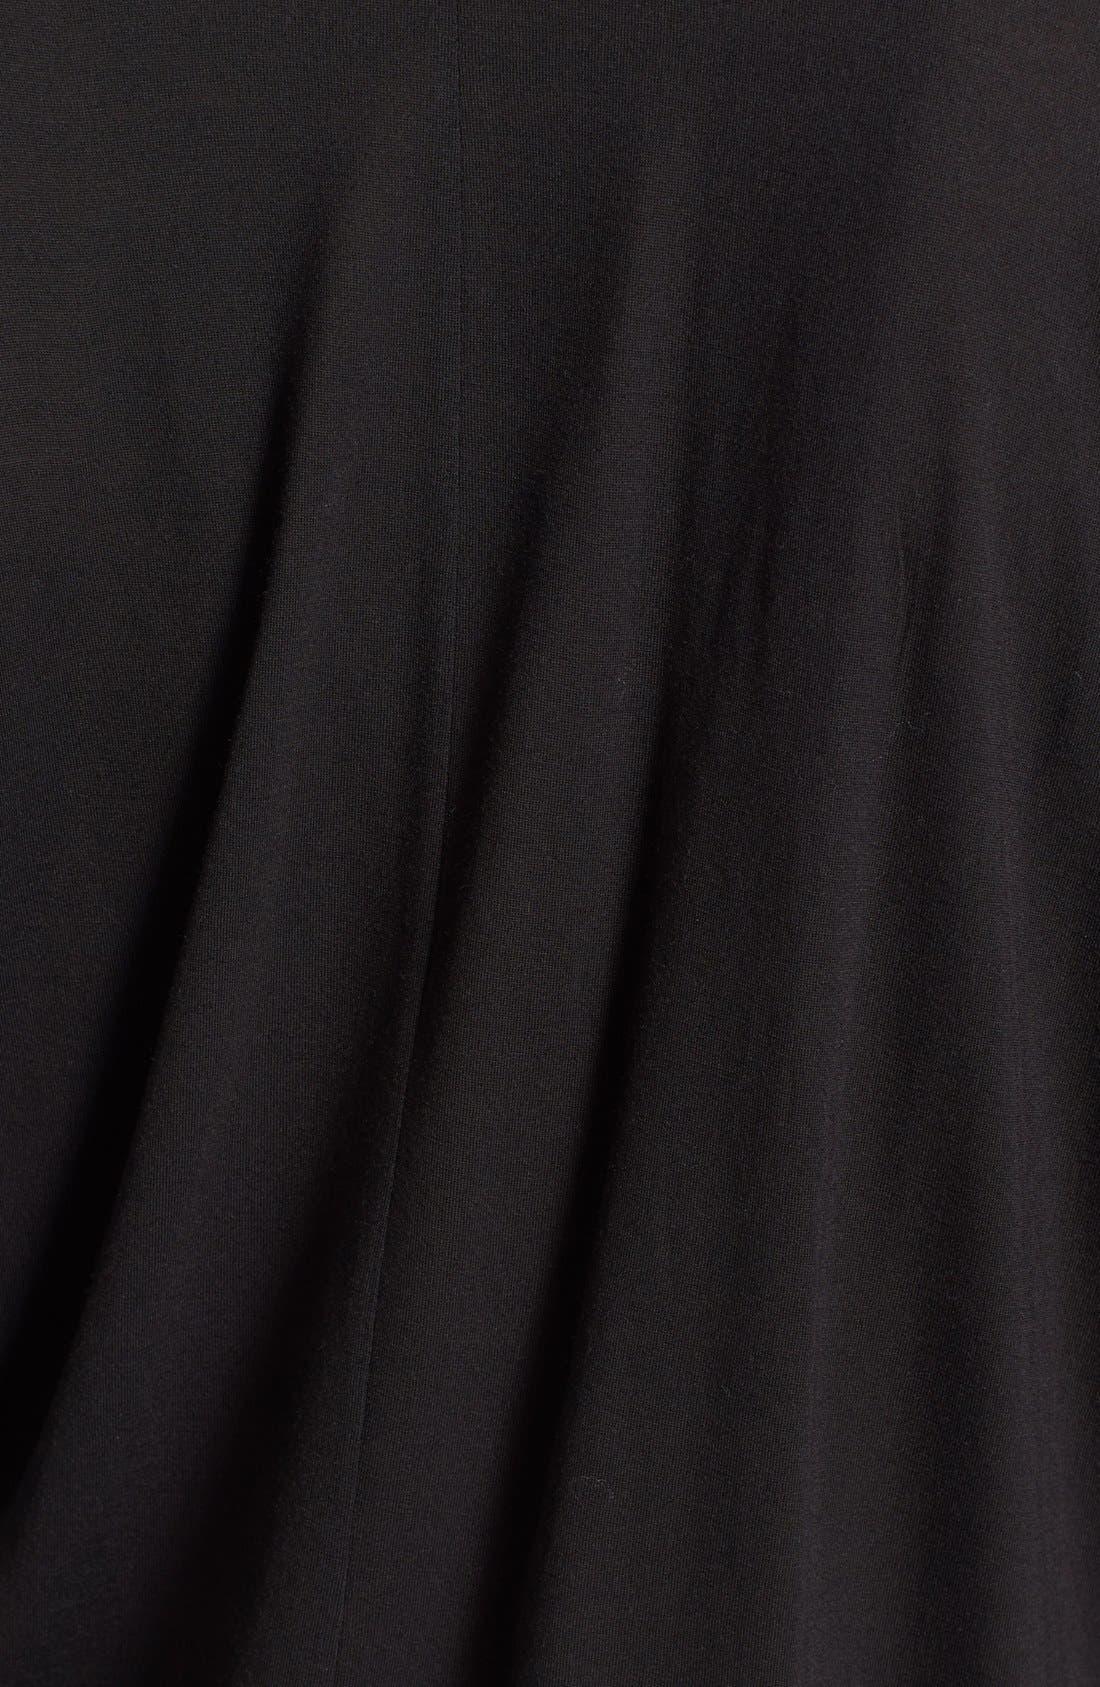 Alternate Image 3  - MICHAEL Michael Kors Studded Sleeve Top (Regular & Petite)